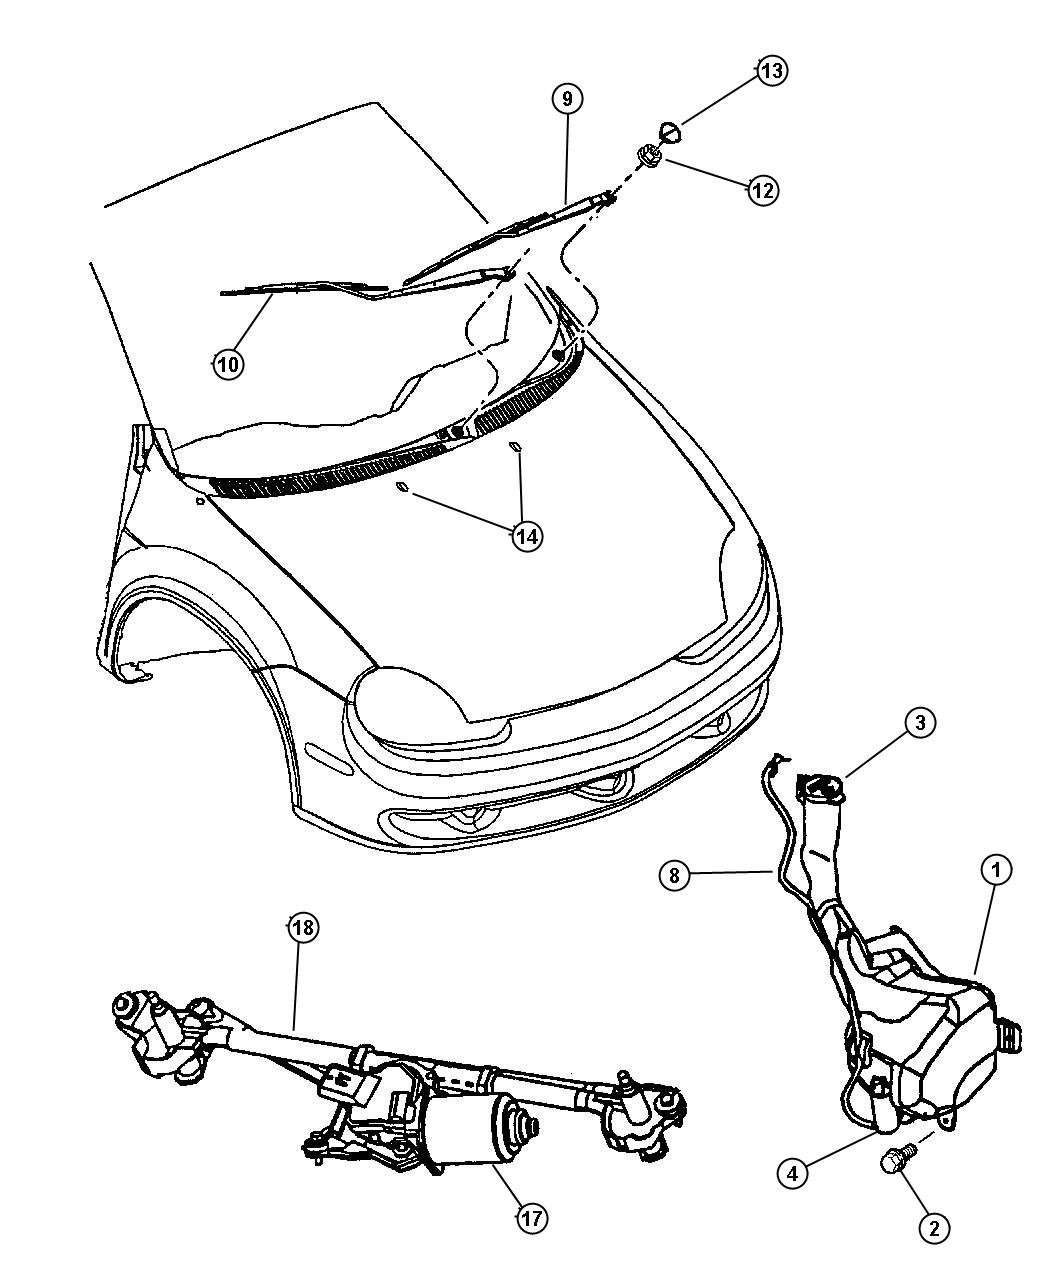 Dodge Neon Nozzle Windshield Washer